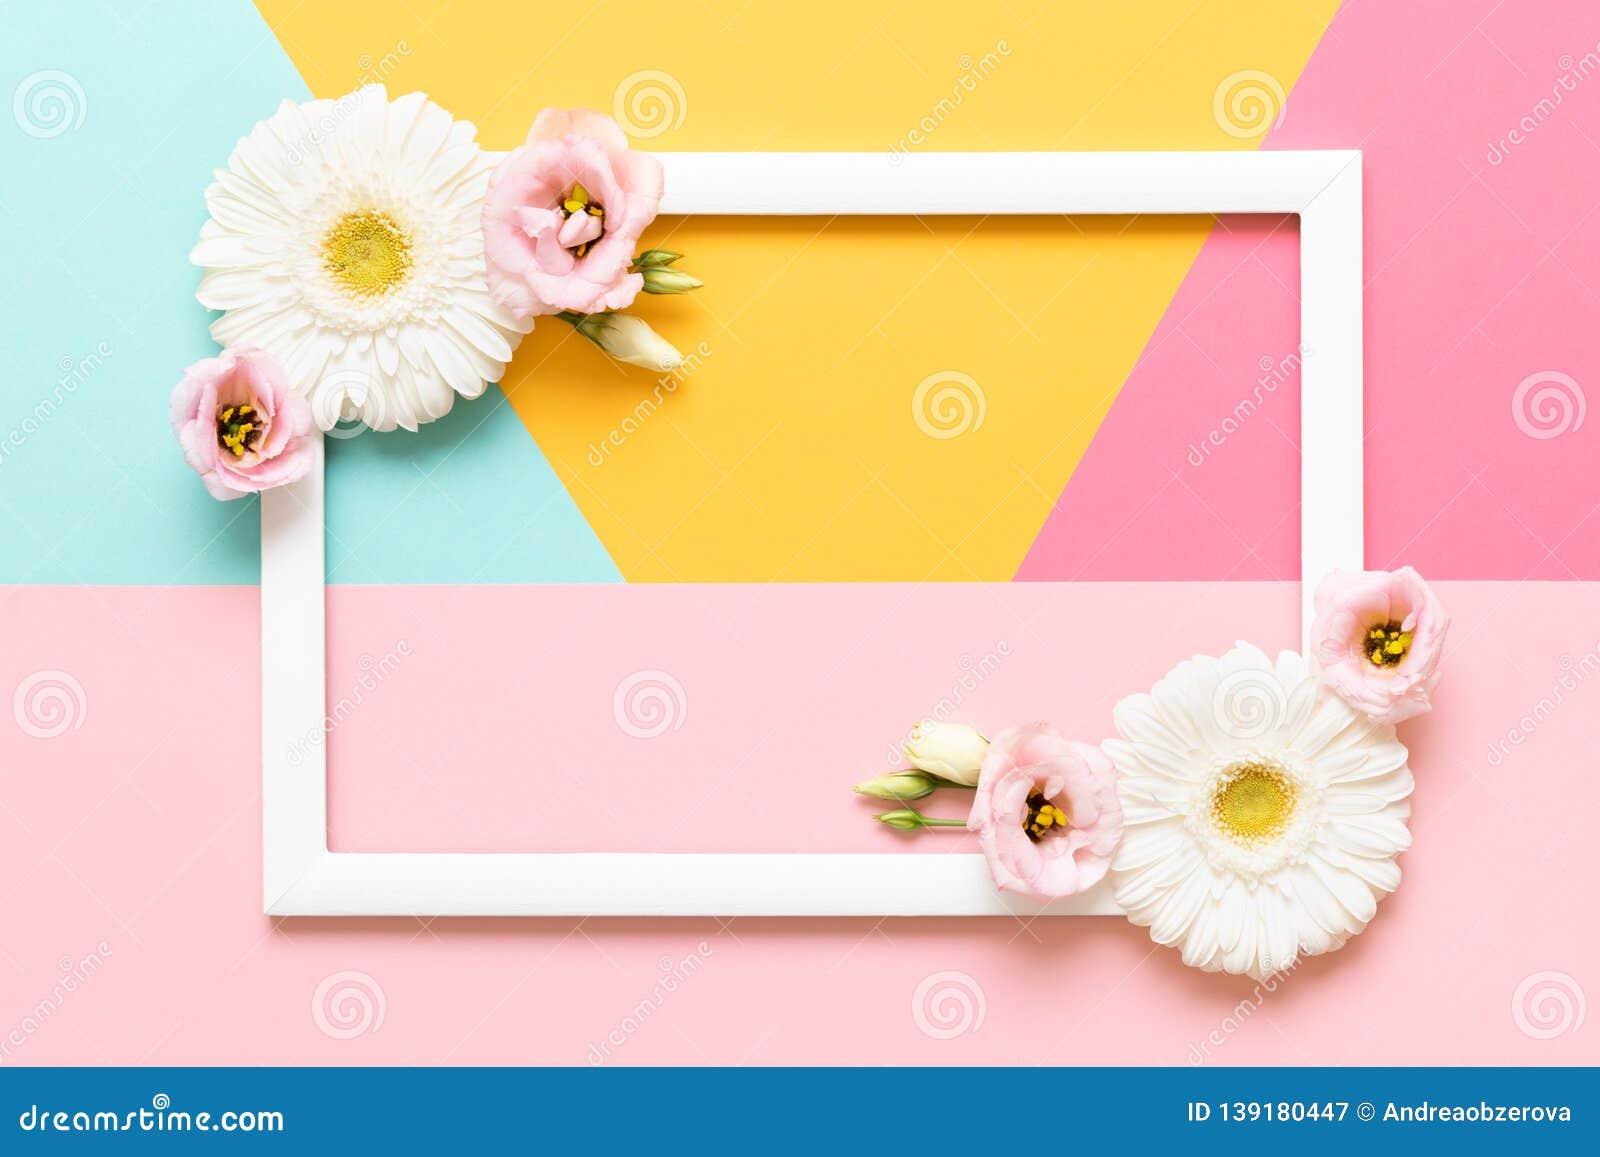 Ημέρα της ευτυχούς μητέρας, ημέρα των γυναικών, ημέρα του βαλεντίνου ή χρωματισμένο κρητιδογραφία υπόβαθρο γενεθλίων Επίπεδος βάλ